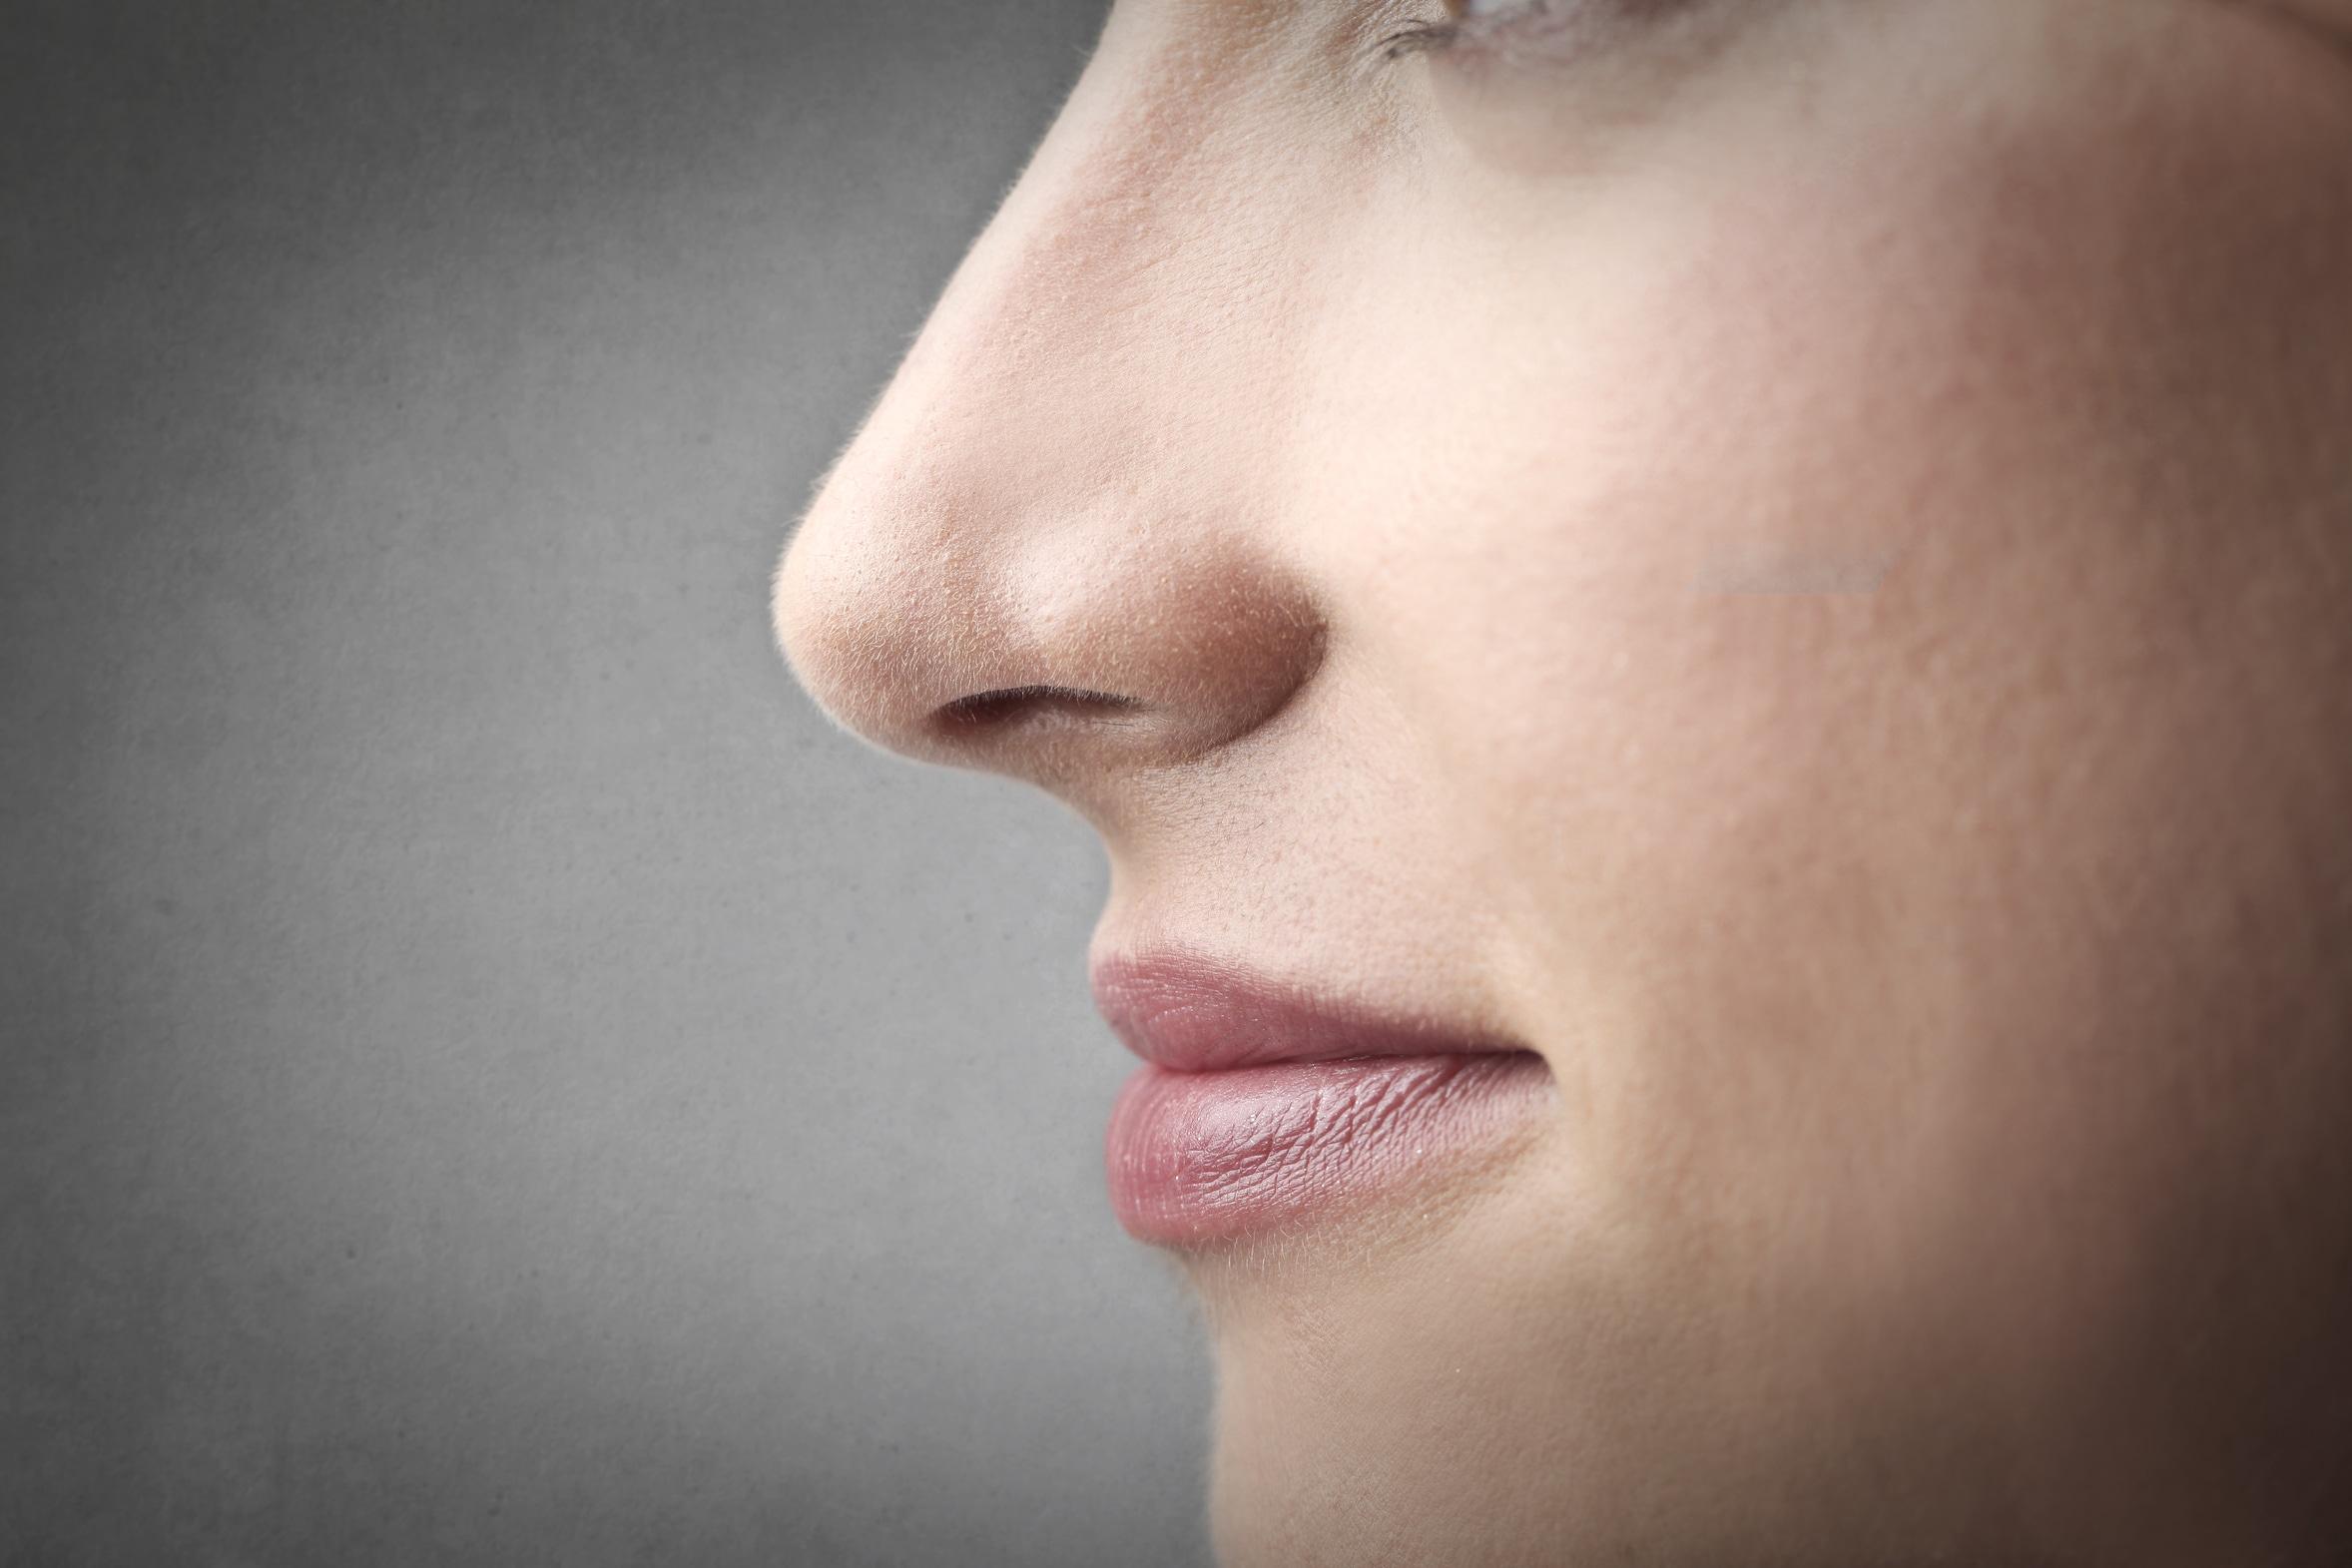 Problemas de la nariz